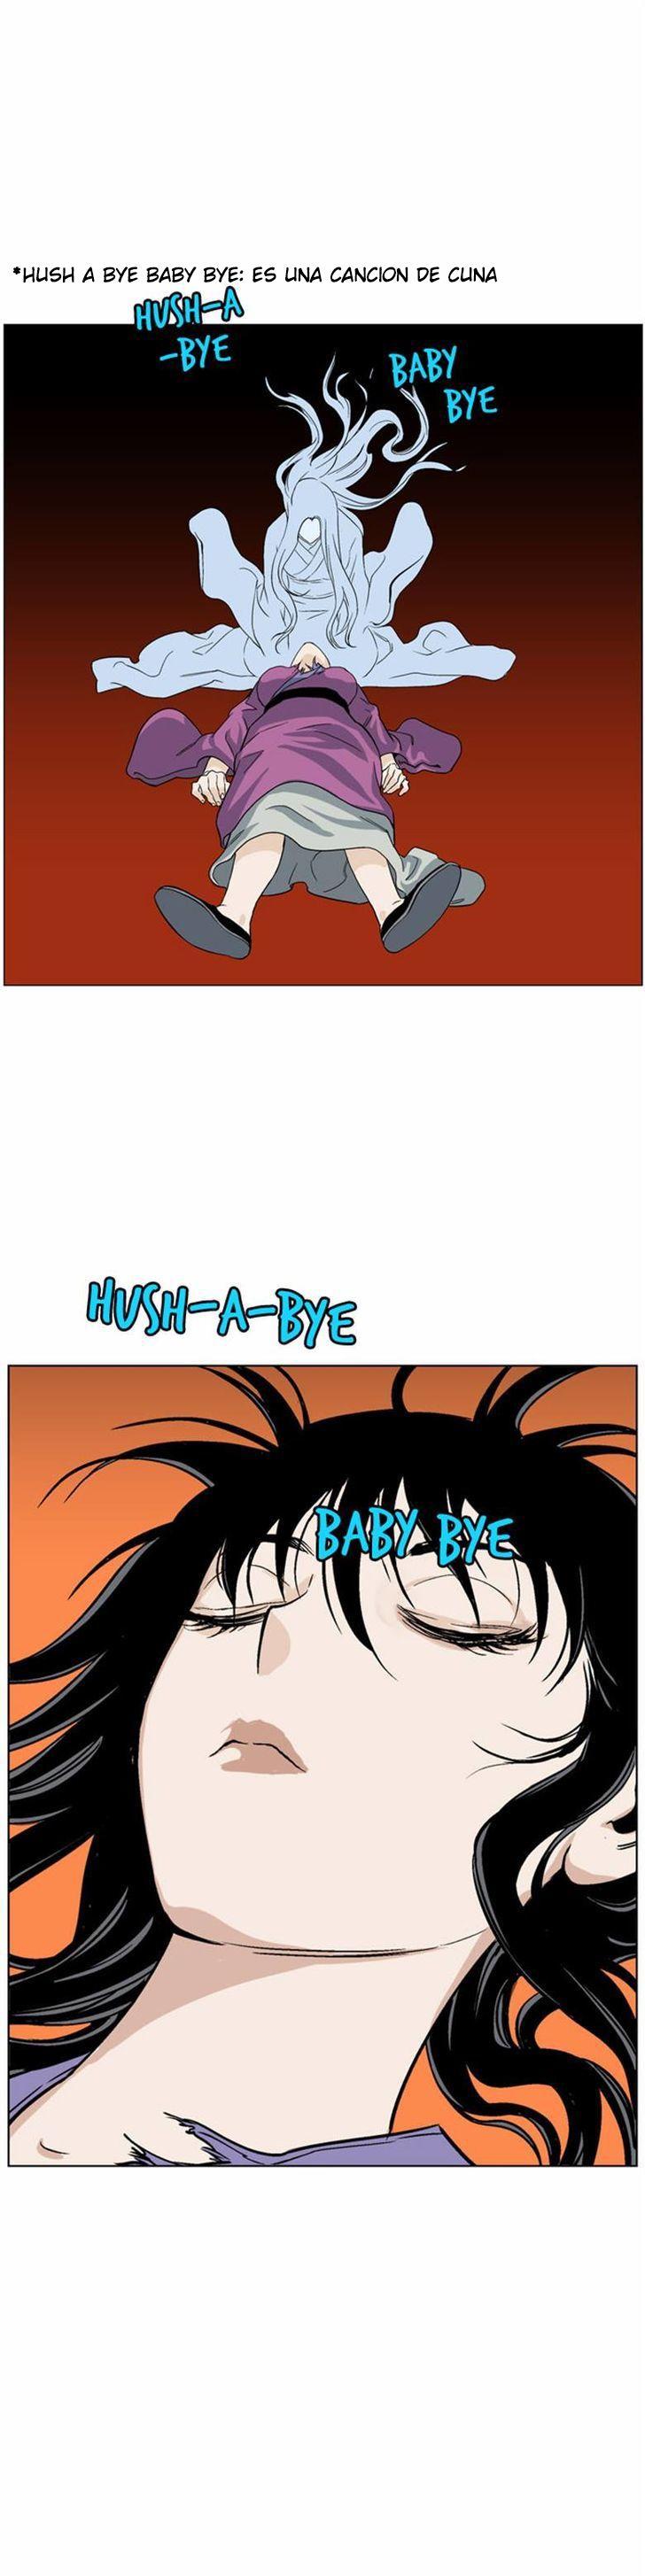 https://c5.ninemanga.com/es_manga/pic2/9/18249/517018/01074d0e0ca64dd52127d542d631eef0.jpg Page 42